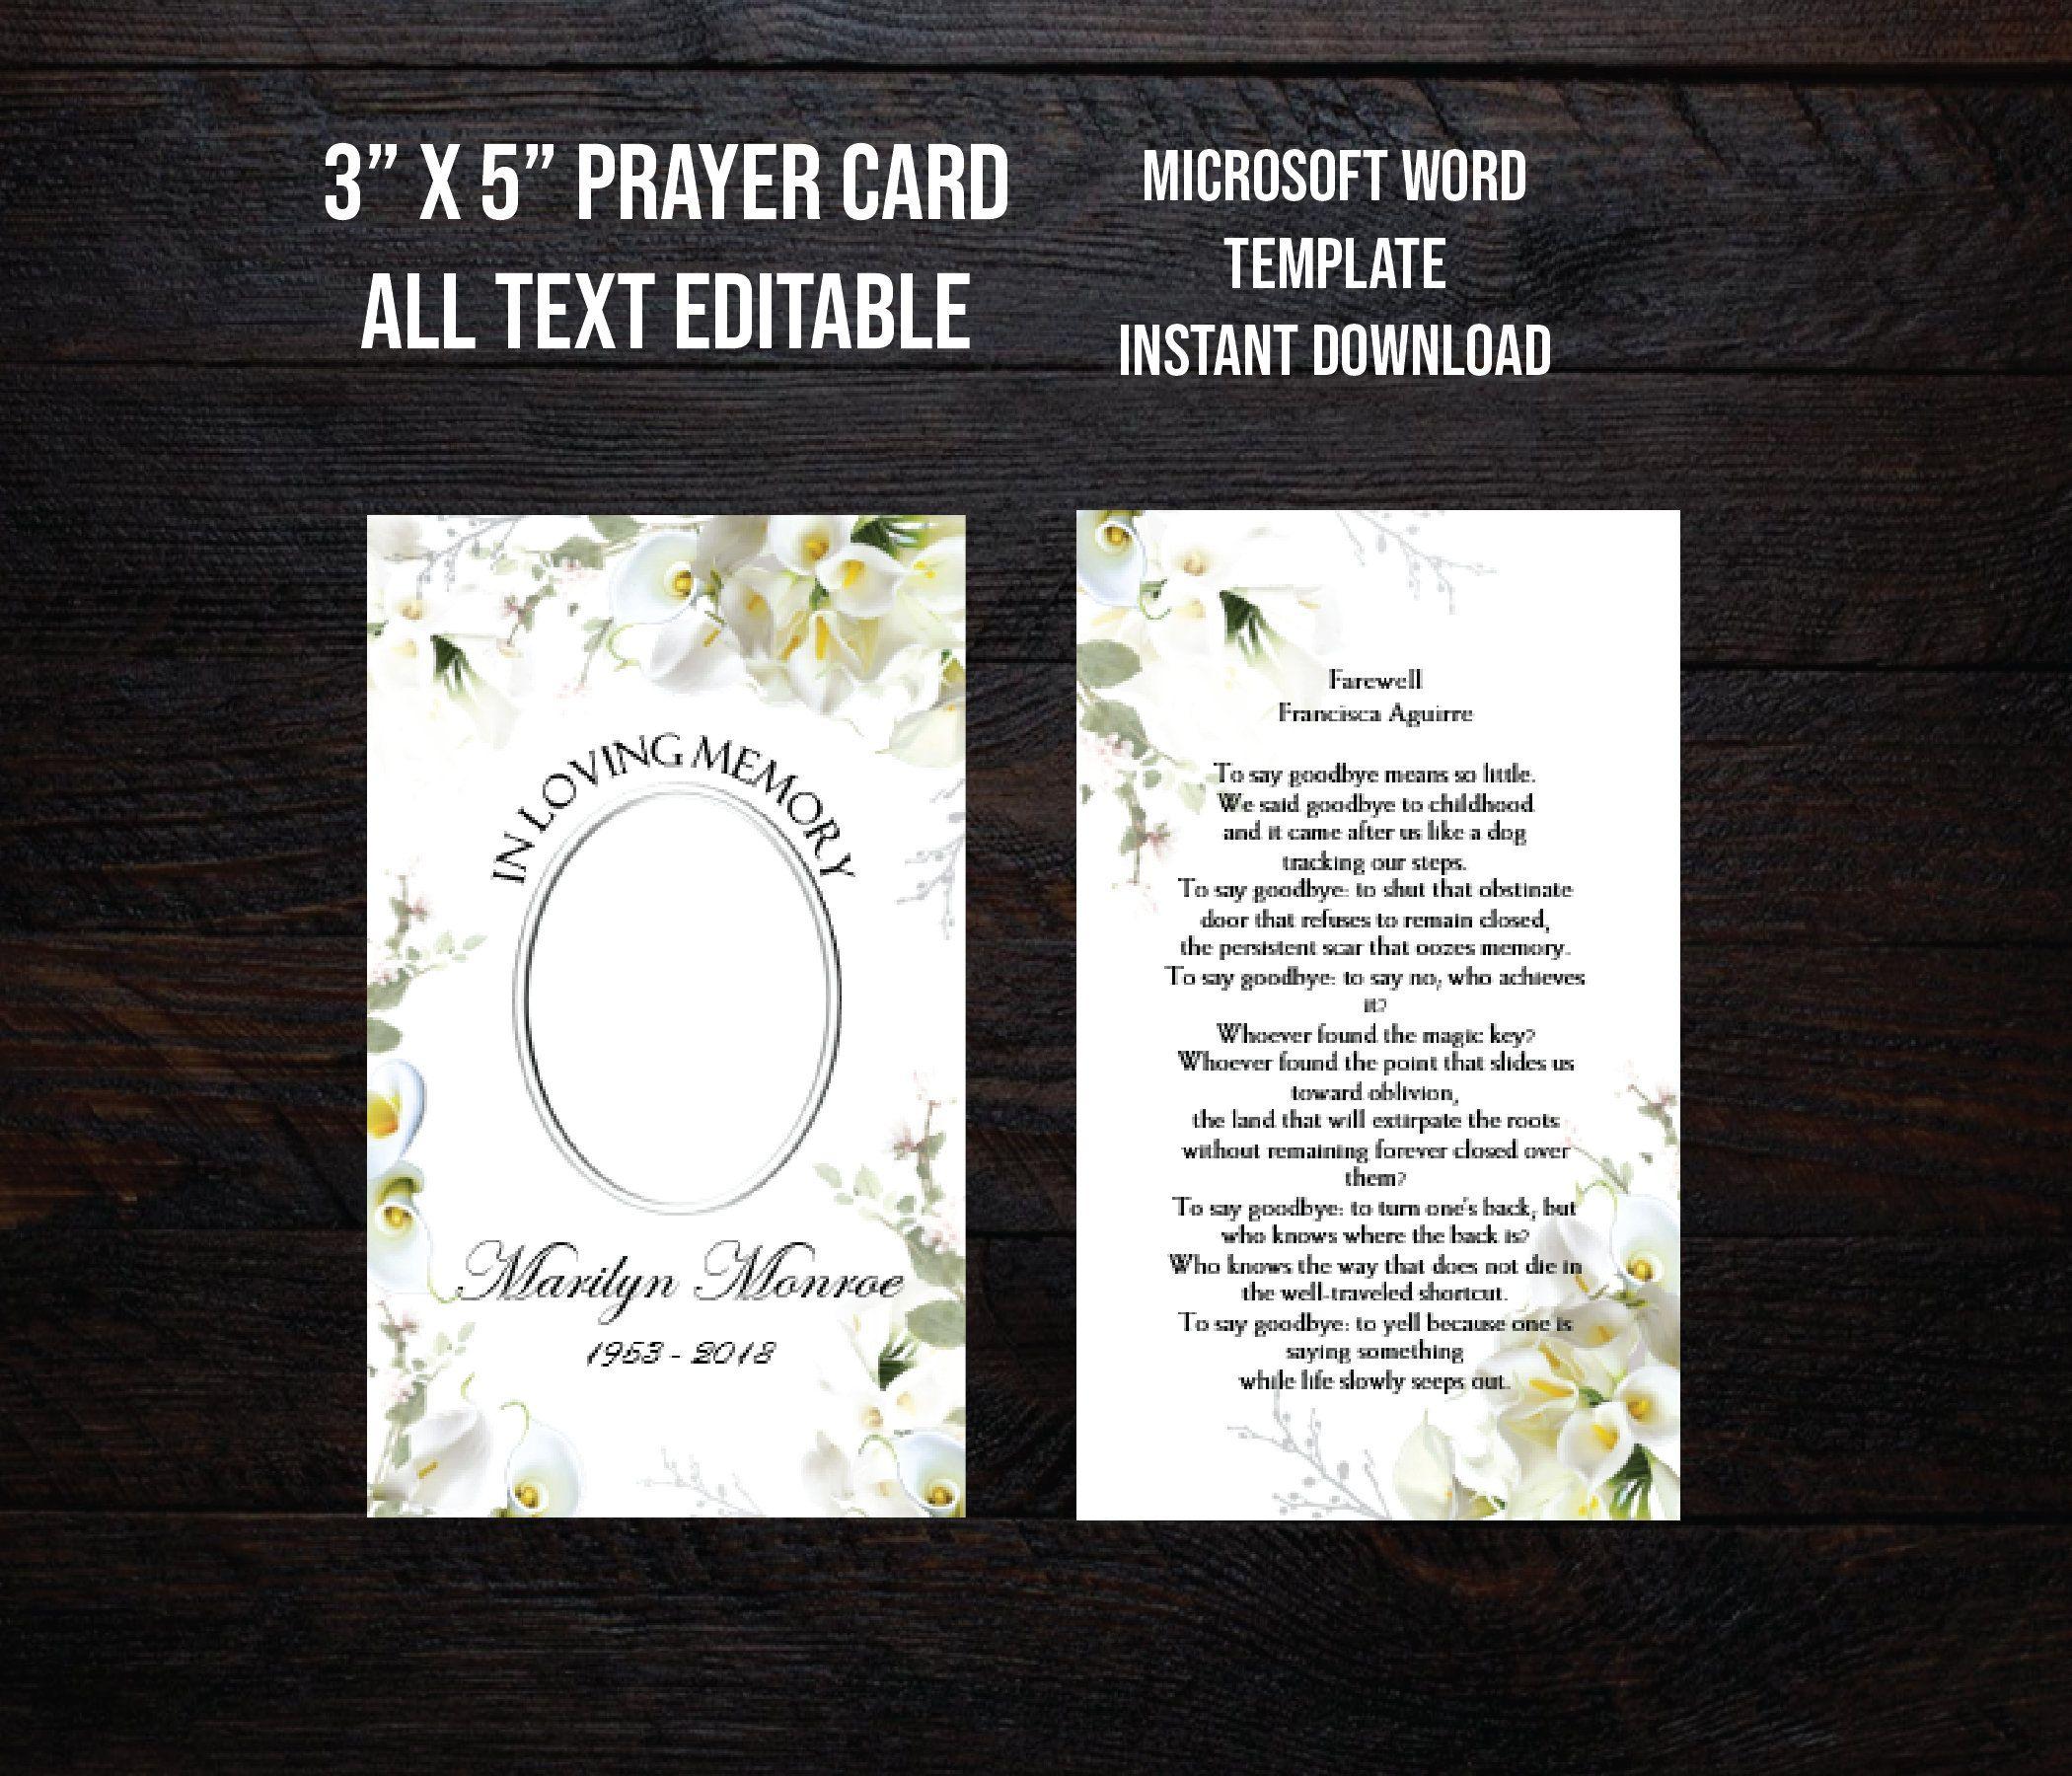 Printable Funeral Prayer Card 3x5 Memorial Prayer Card Etsy Prayer Cards For Funeral Funeral Prayers Prayer Cards Prayer card template for word